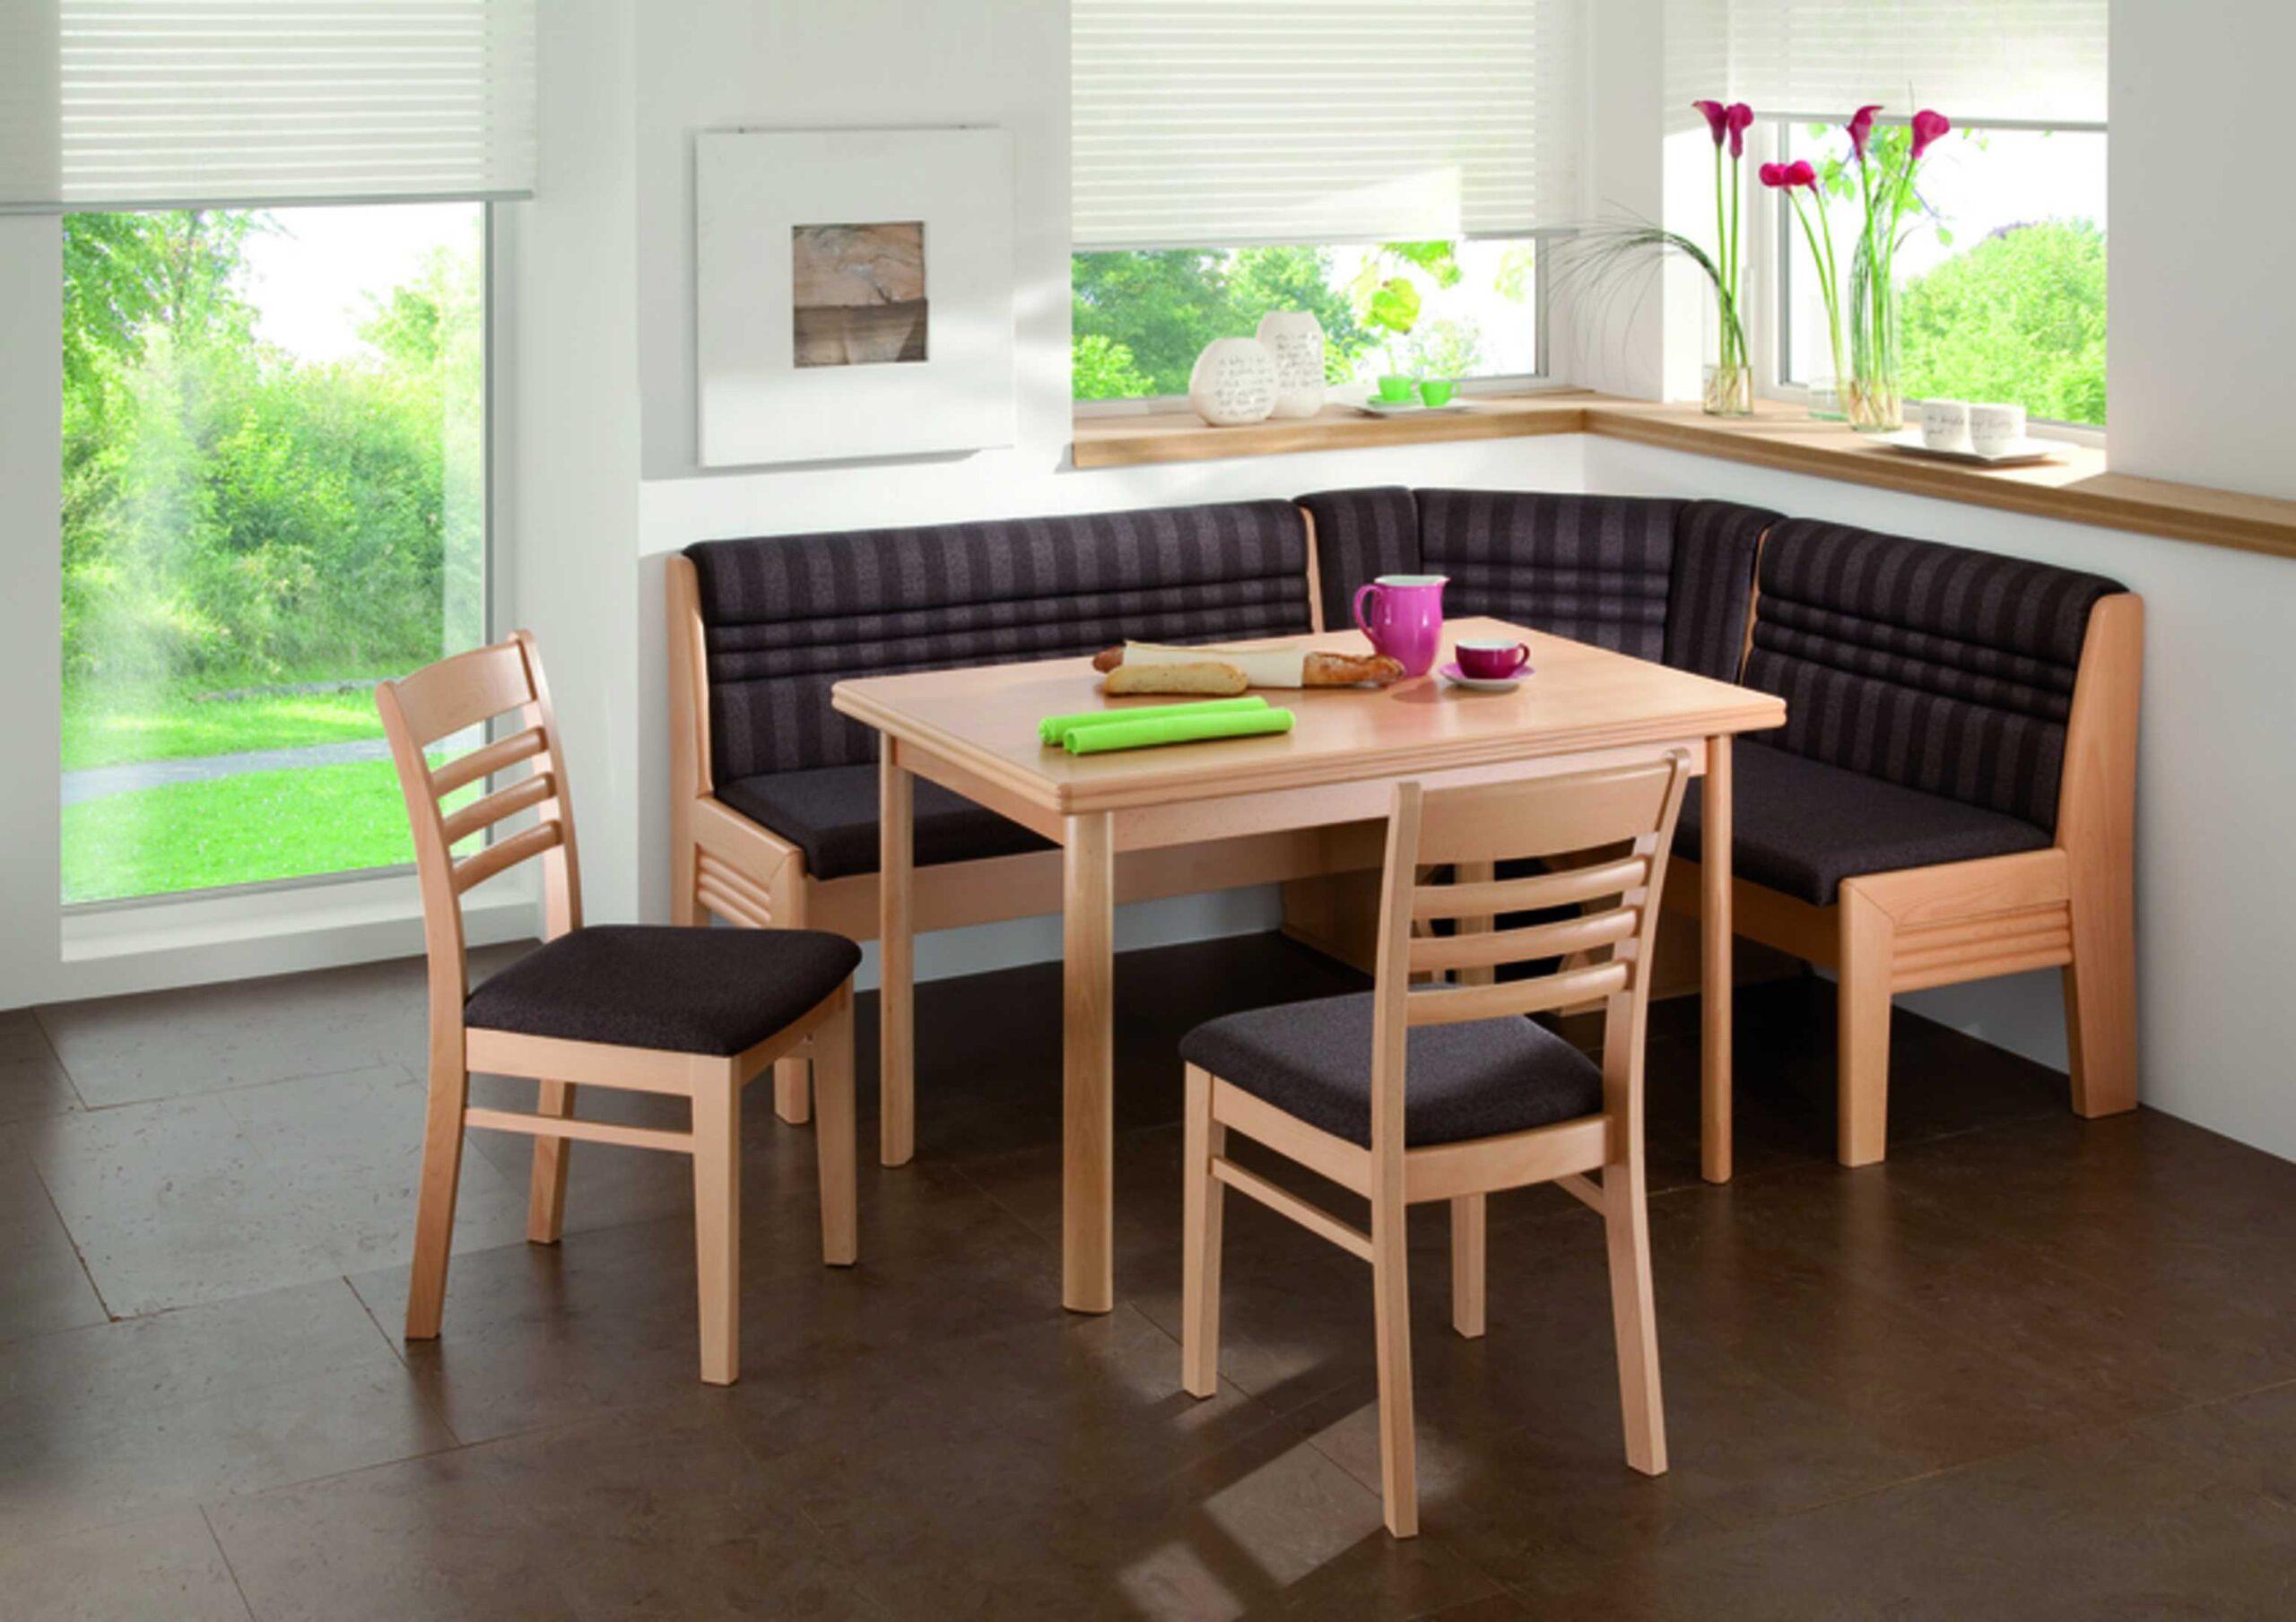 Full Size of Ikea Hack Sitzbank Esszimmer Kche Eckbank Luisquinonesdesign Fr Bad Sofa Für Küche Garten Modulküche Betten 160x200 Kosten Mit Schlaffunktion Lehne Wohnzimmer Ikea Hack Sitzbank Esszimmer